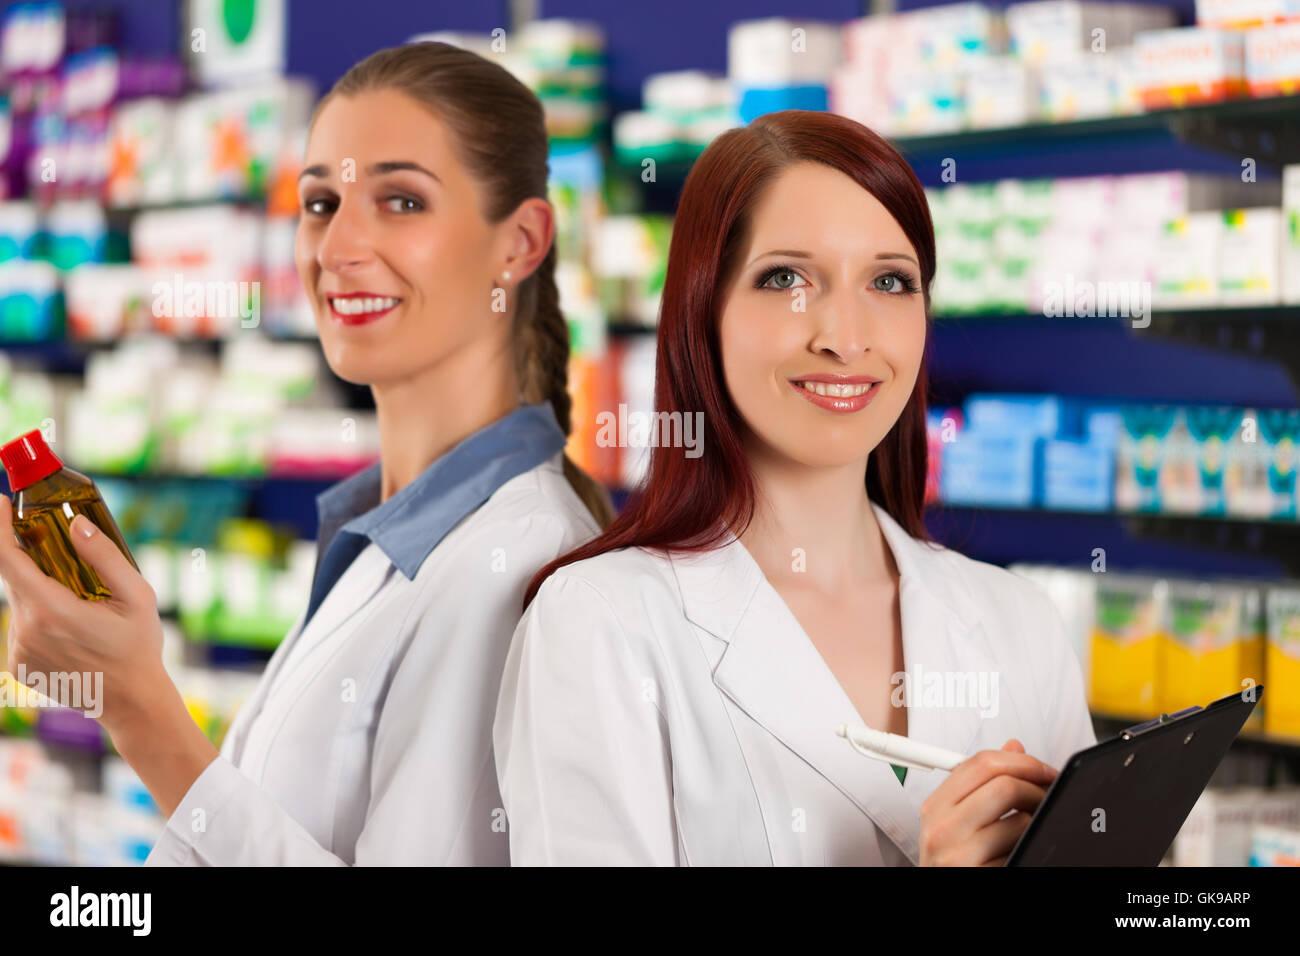 pharmacist team in pharmacy drugs - Stock Image